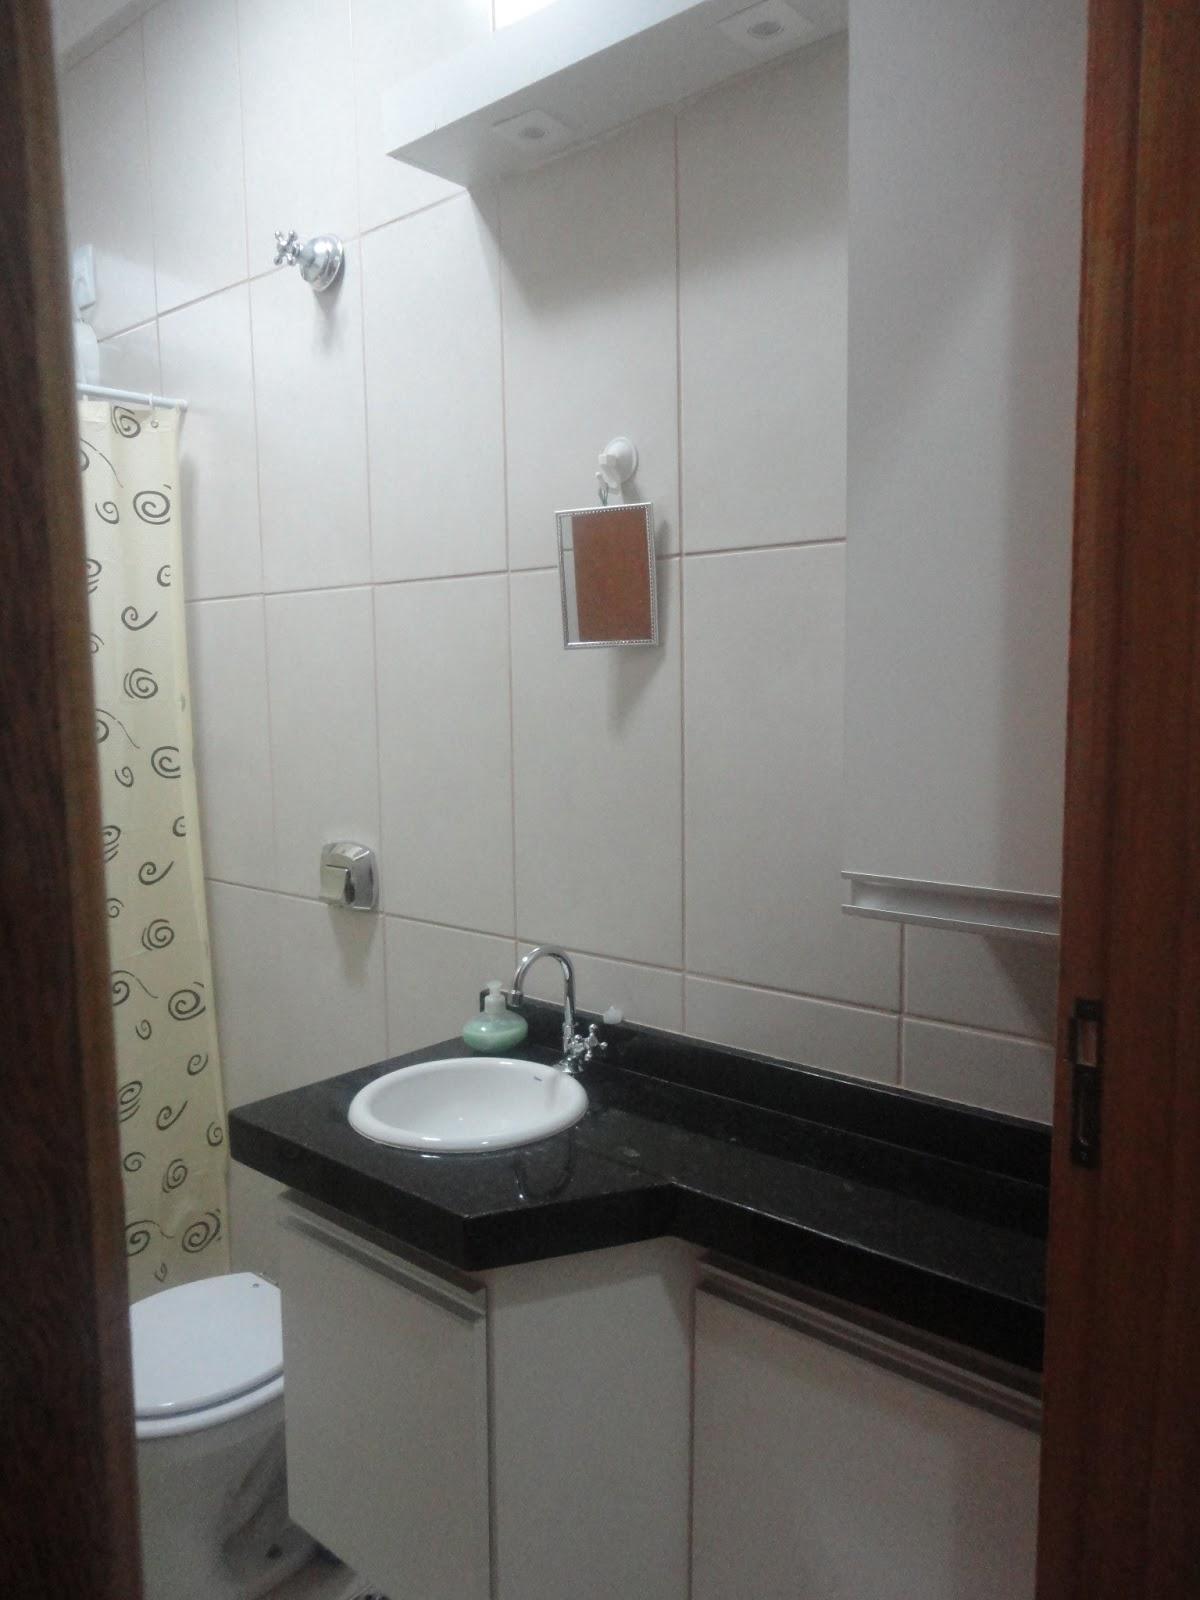 GABINETES DE BANHEIRO  MÓBILE MARCENARIA -> Gabinete De Banheiro Sob Medida